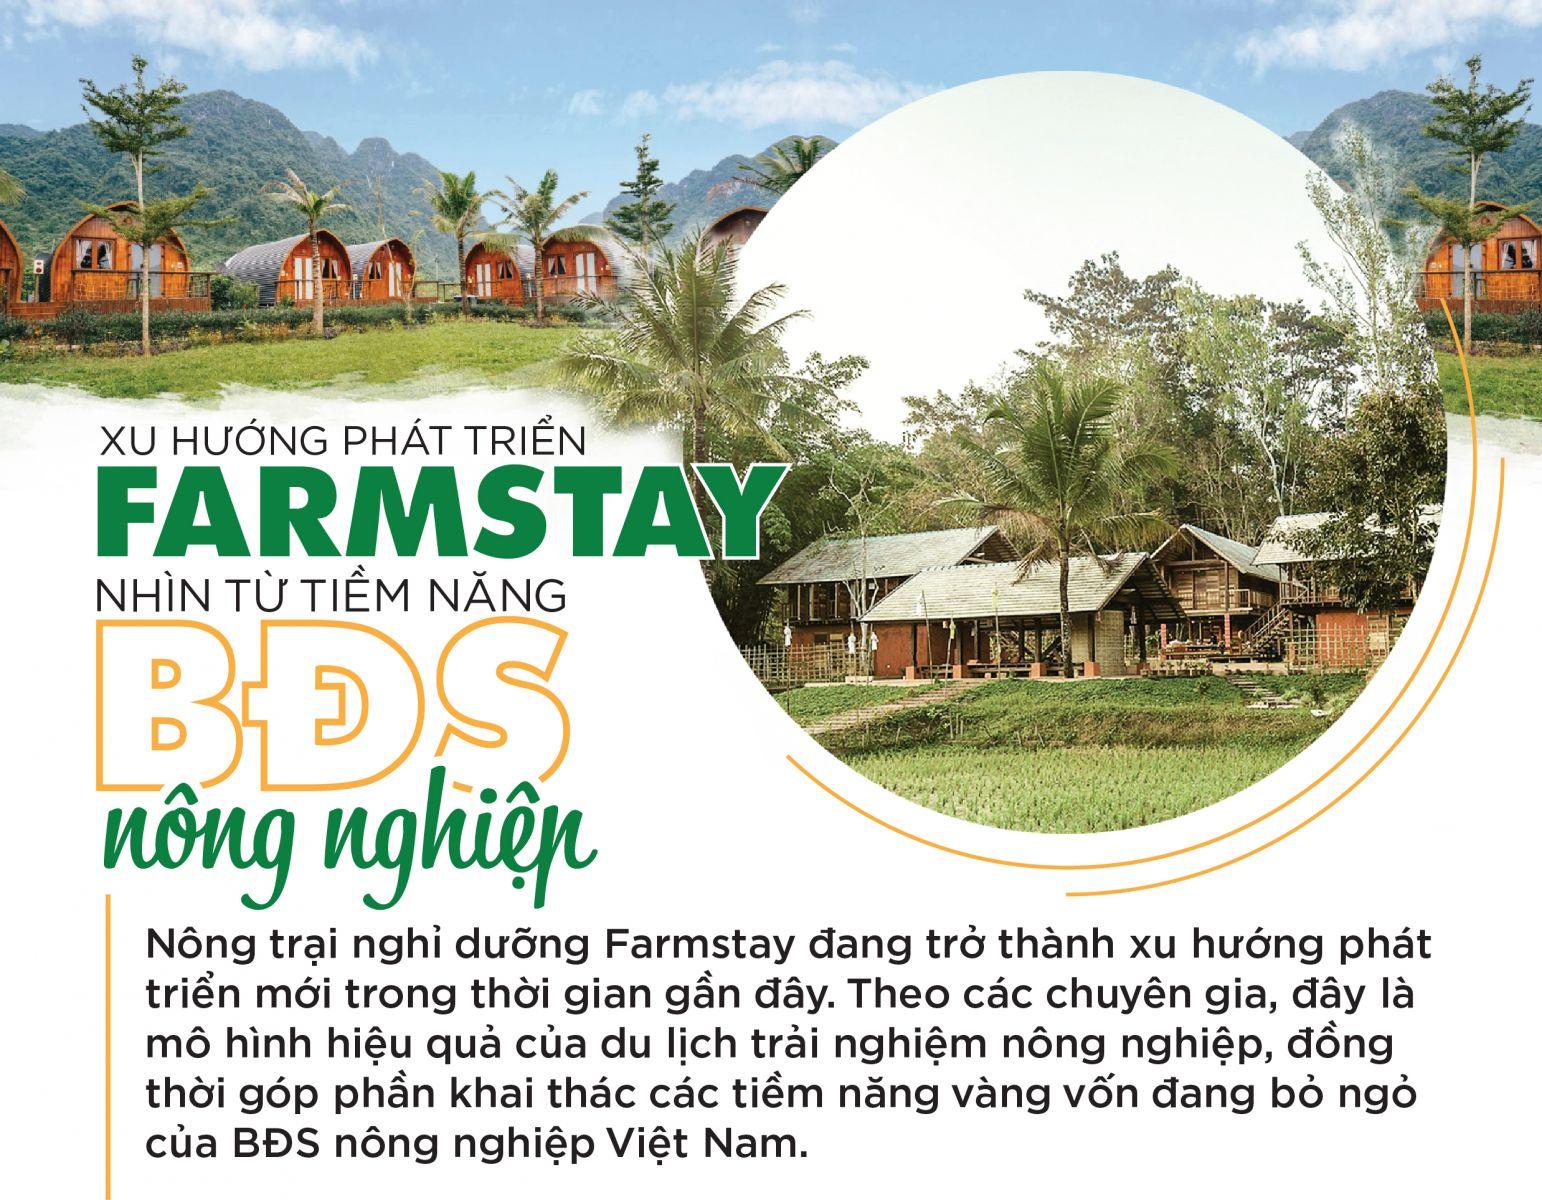 Xu hướng phát triển Farmstay nhìn từ tiềm năng bất động sản Nông Nghiệp 01